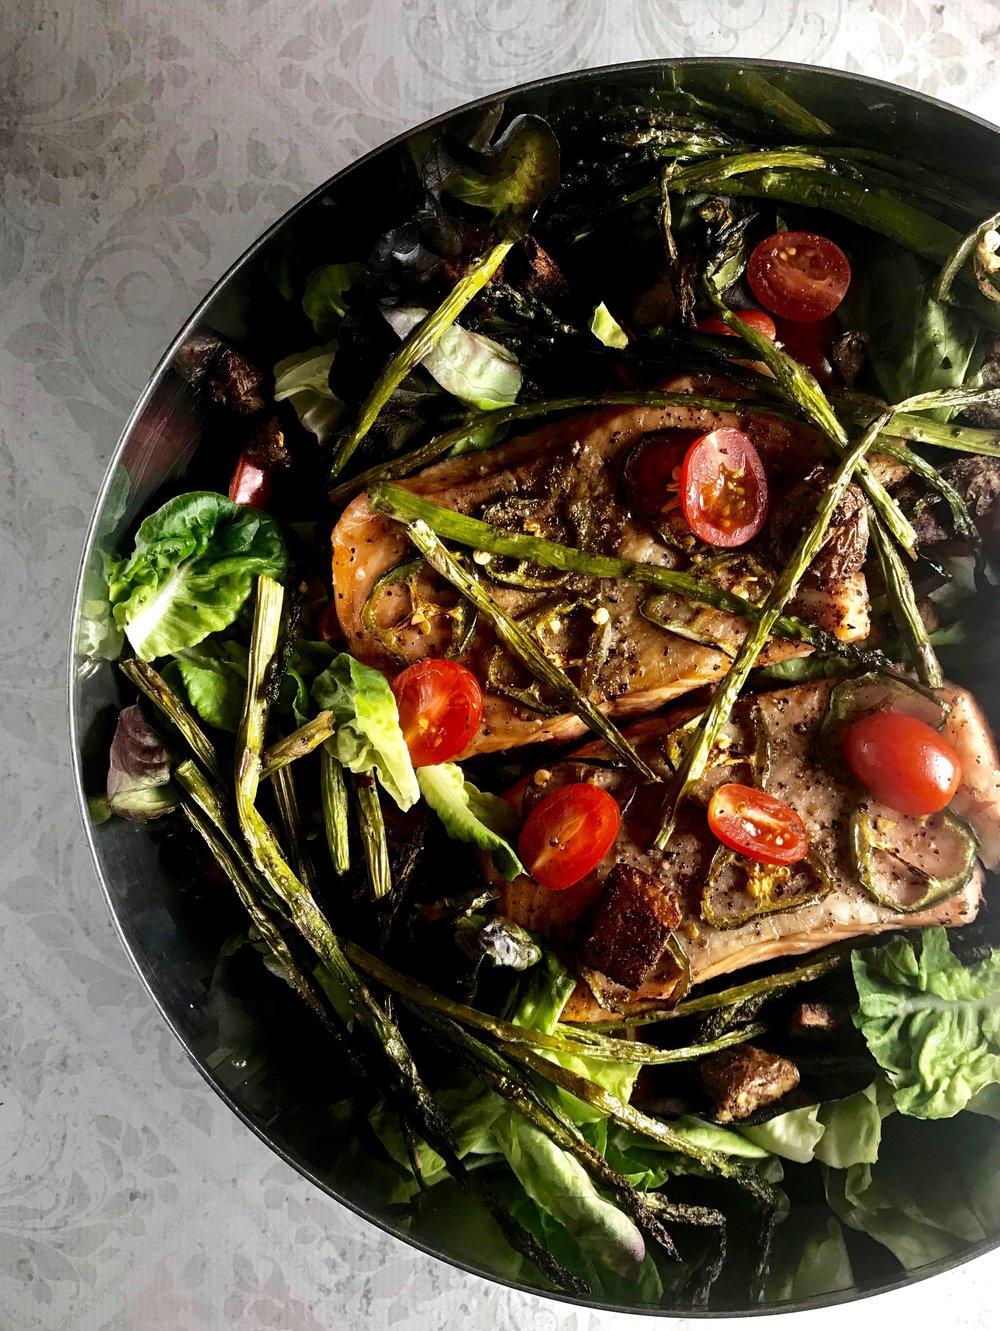 Salmon, asparagus, and potato salad